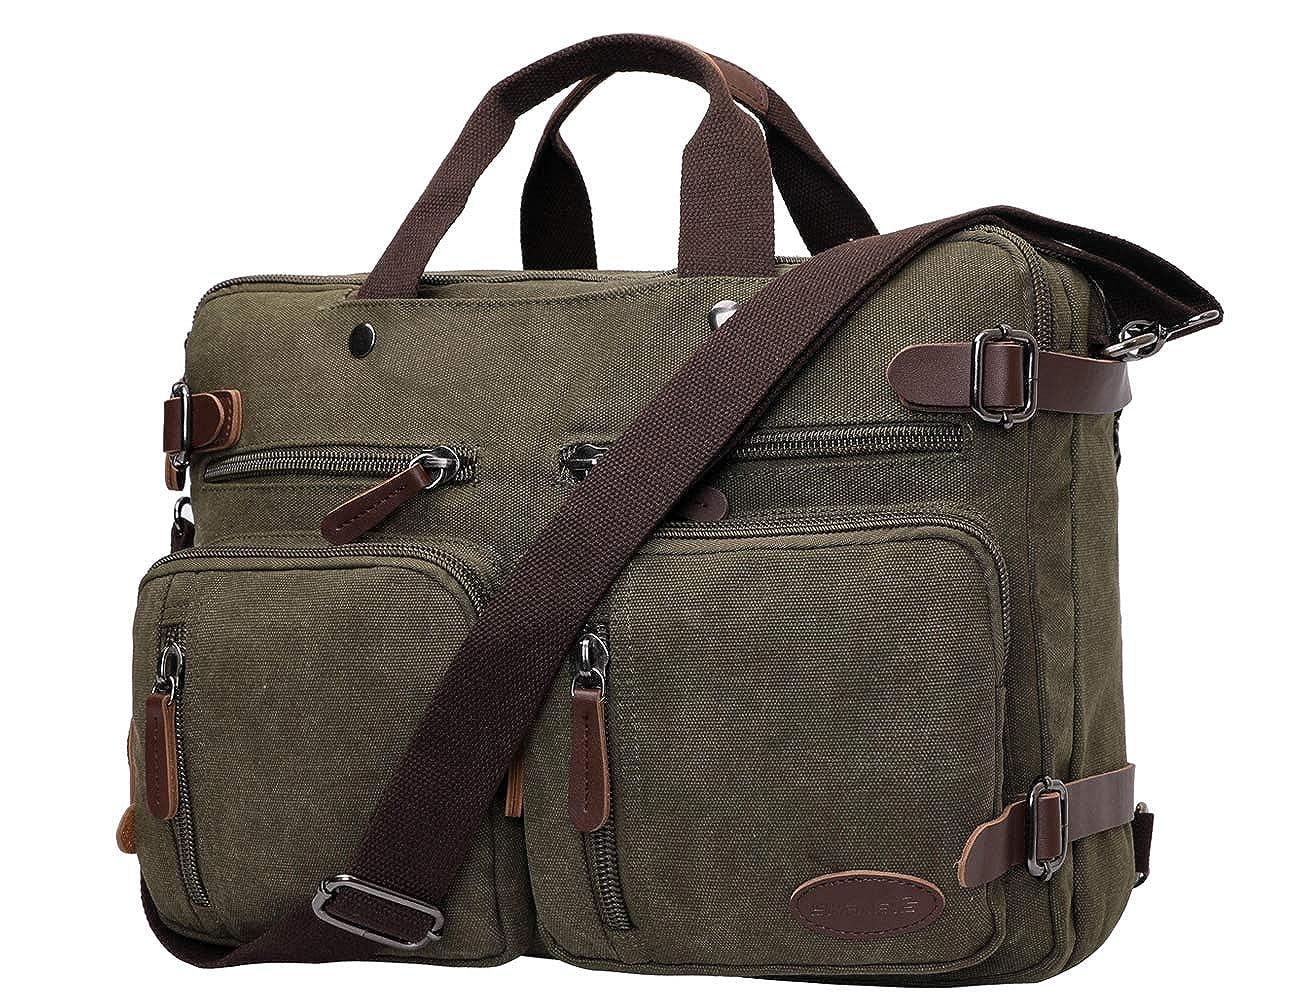 15.6 Inch Laptop Backpack Messenger Bag